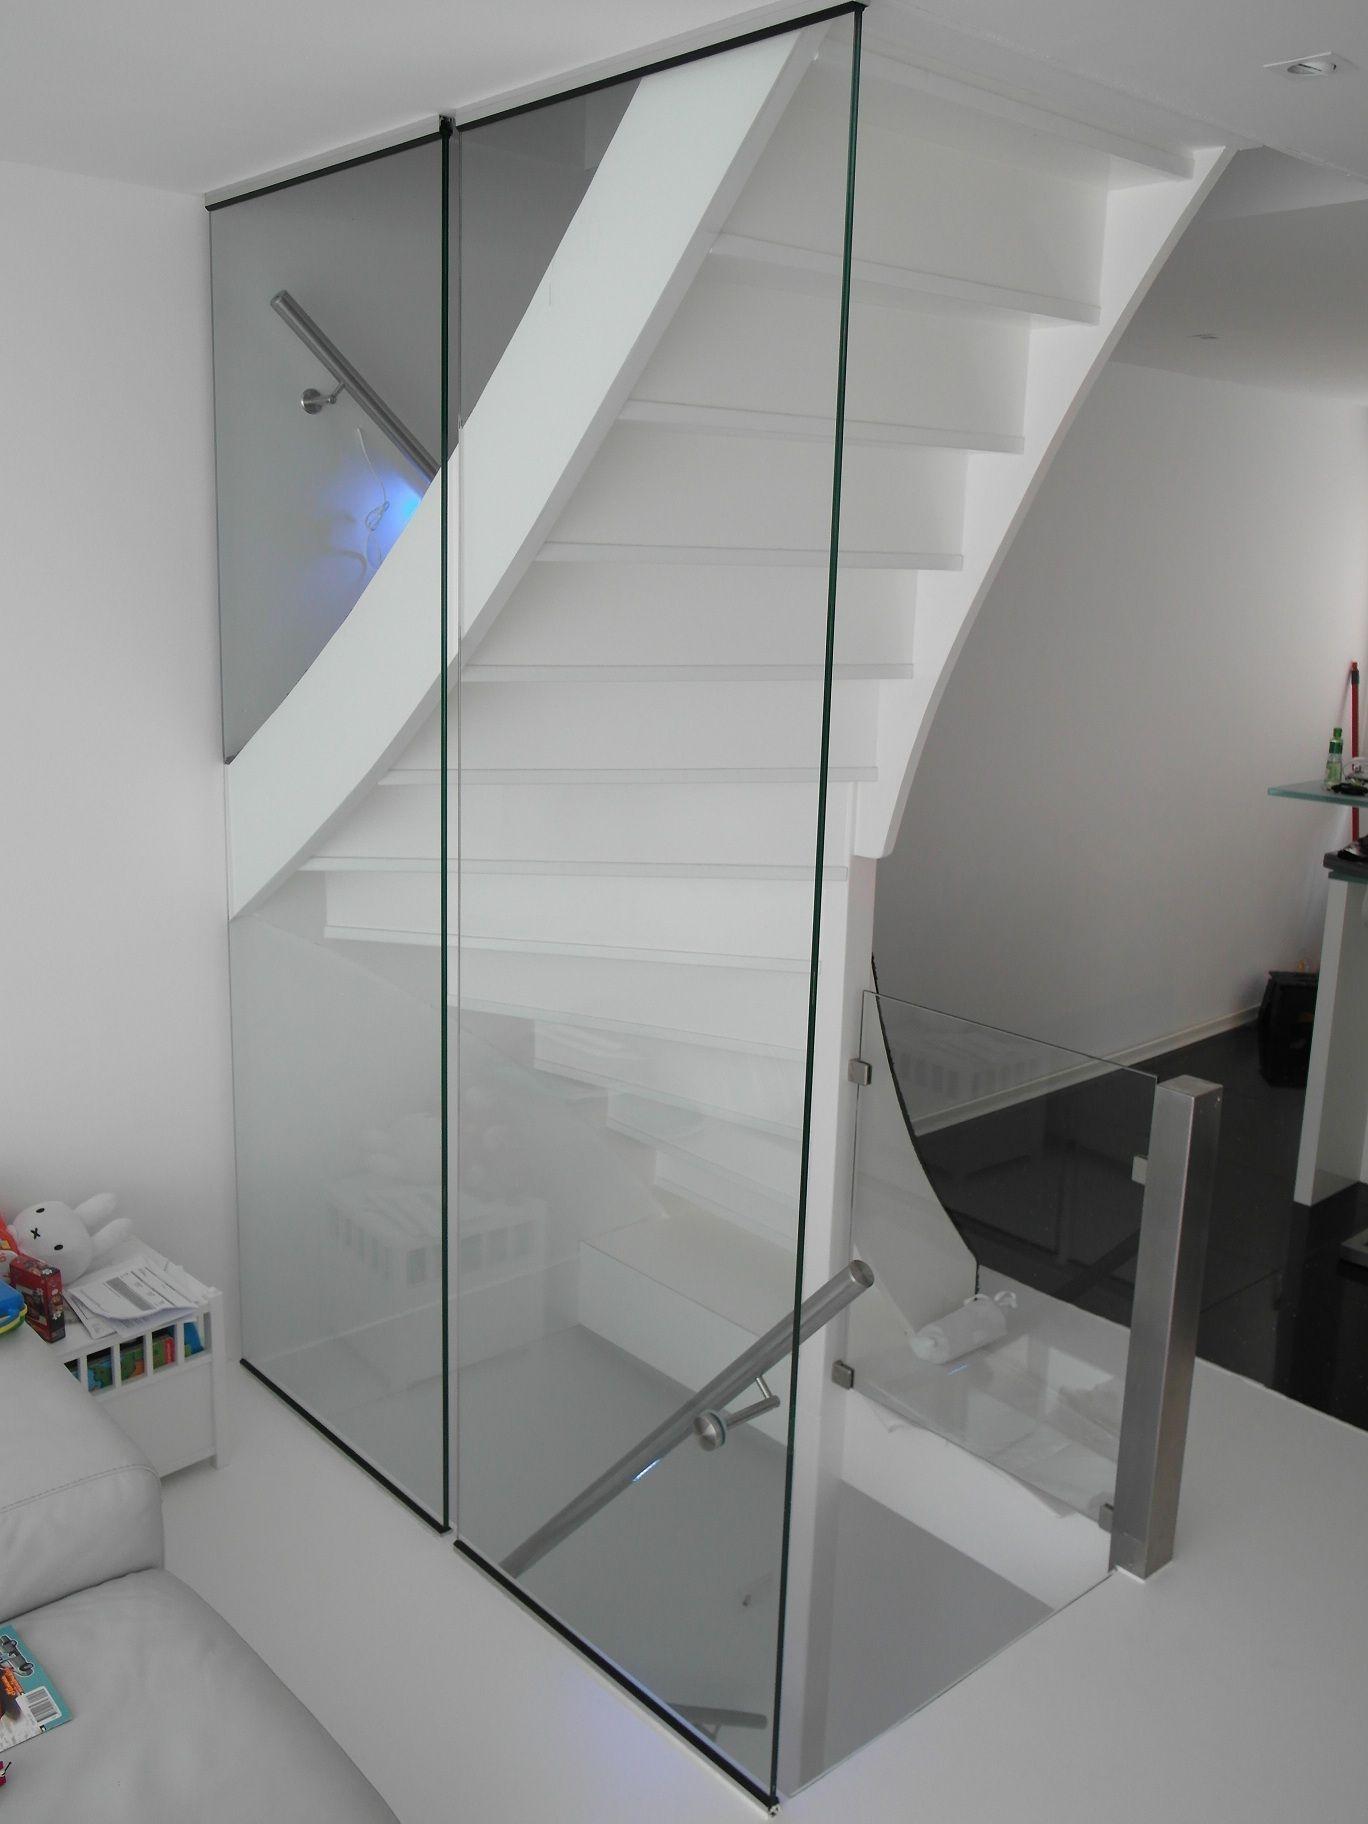 Leuning met led verlichting gemonteerd tegen een glazen wand lumigrip trapleuningen met led - Led lampen wand ...